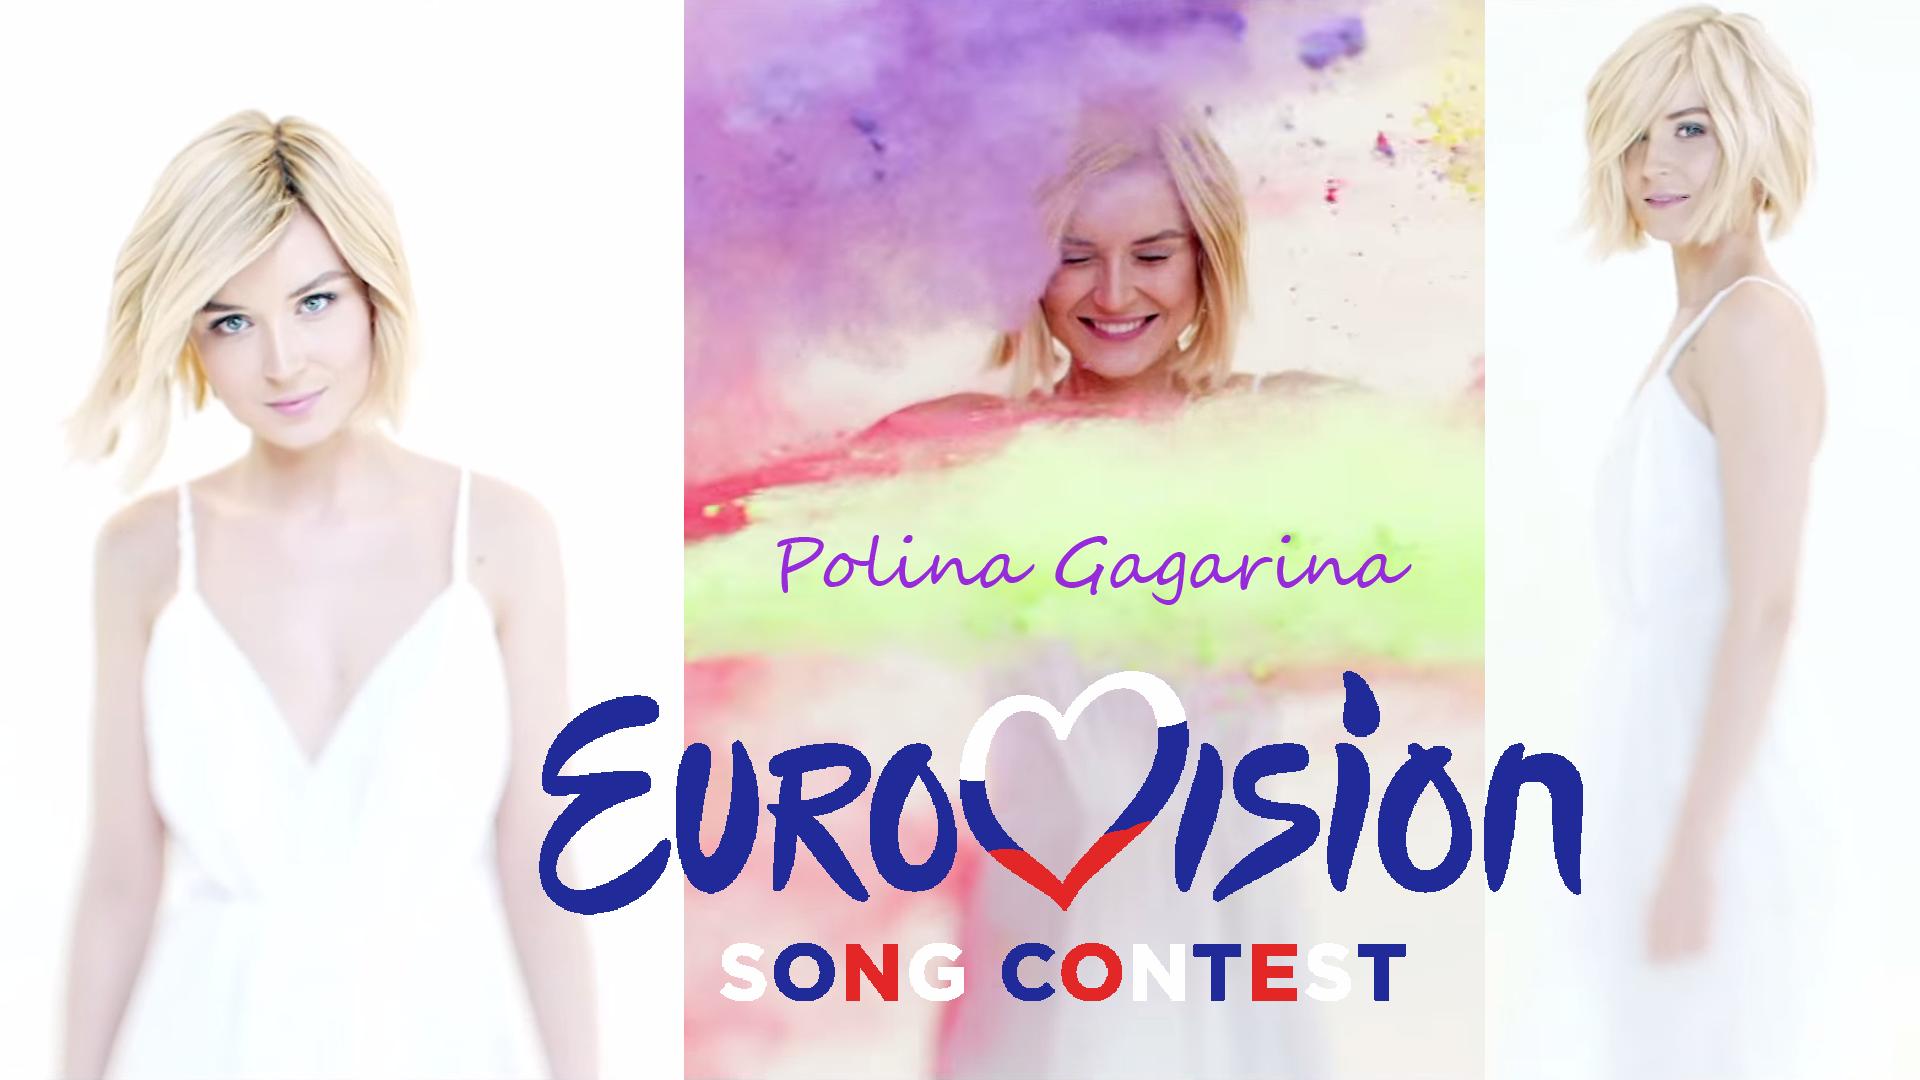 Polina Gagarina EuroVision-2015 Wallpaper 1/2